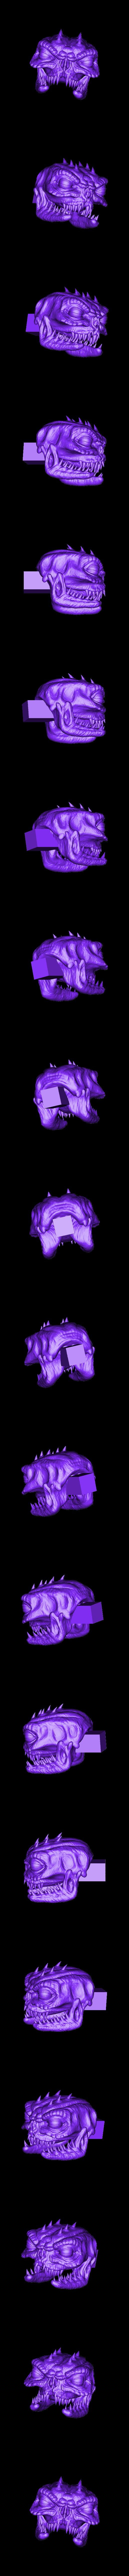 head.stl Télécharger fichier STL gratuit Brundlefly Jr Full Body • Design pour impression 3D, CarlCreates